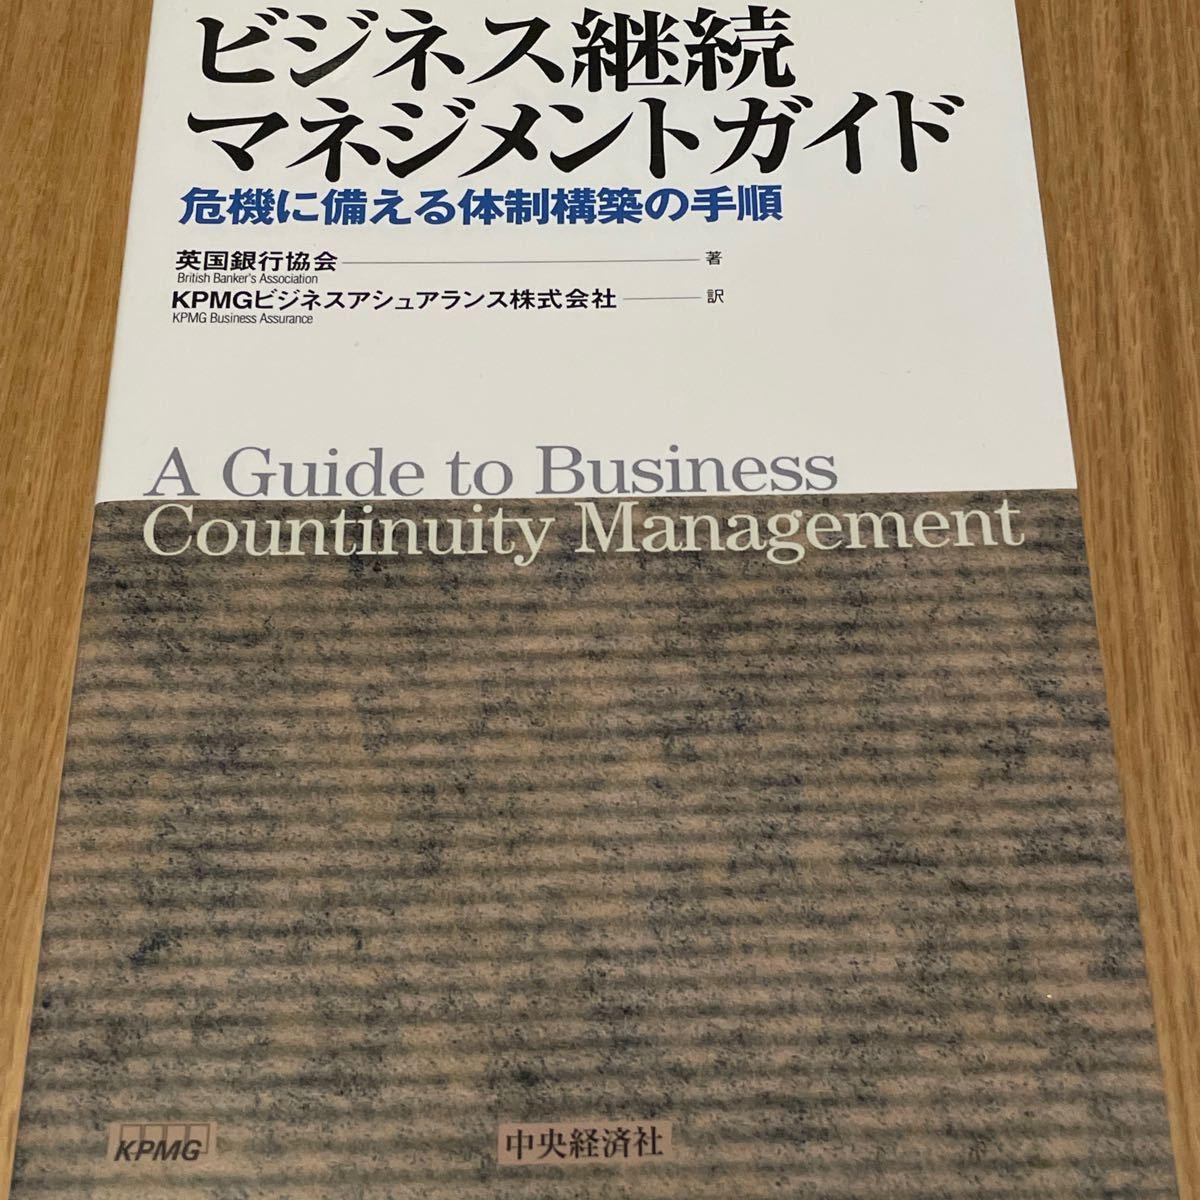 ビジネス継続マネジメントガイド/KPMGビジネスアシュアランス株式会社